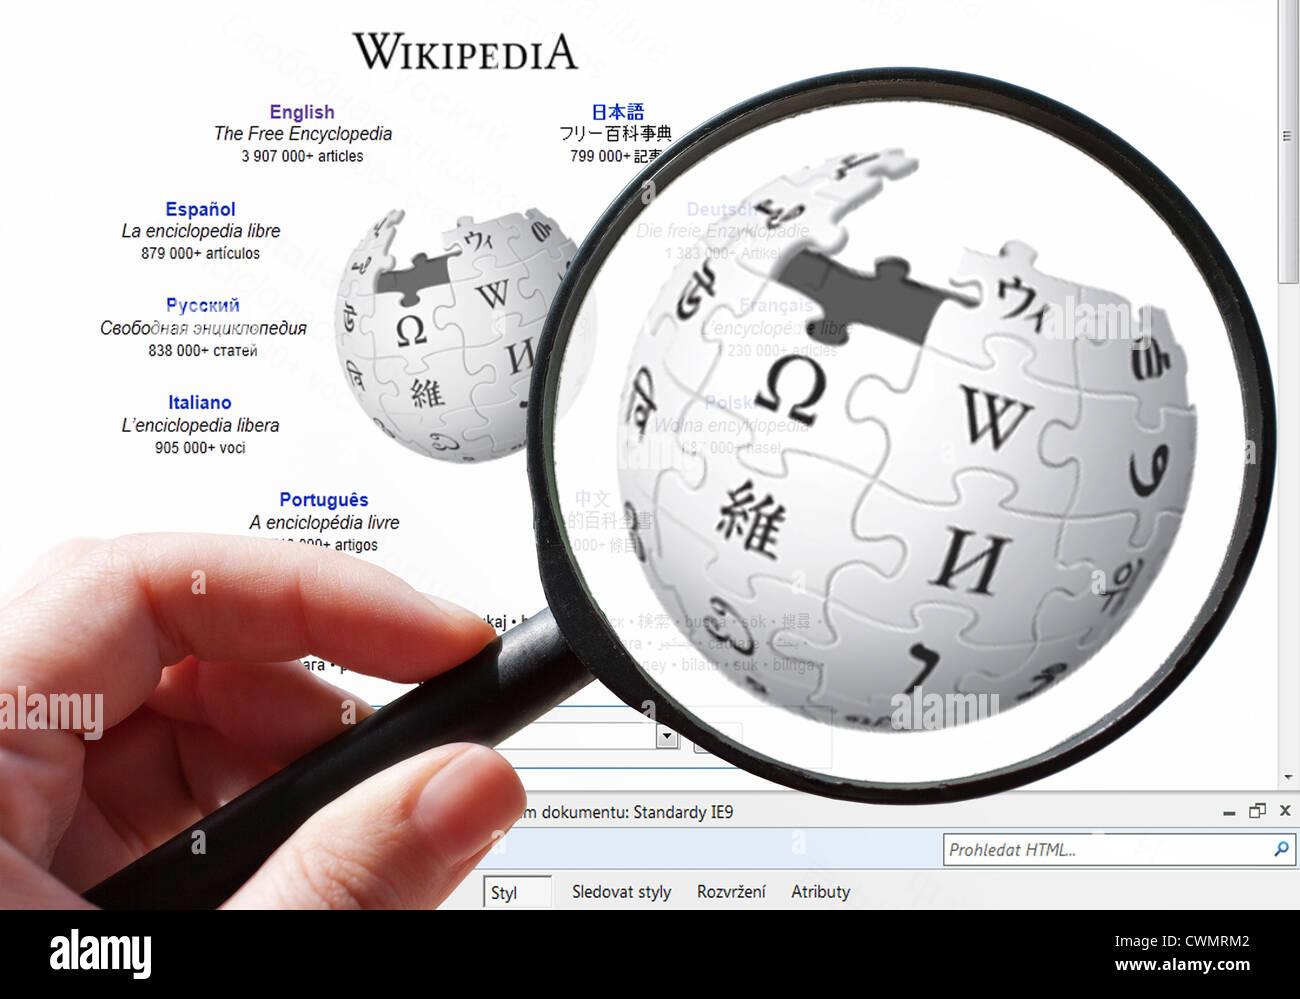 Czech internet - search in encyclopedia Wikipedia - Stock Image